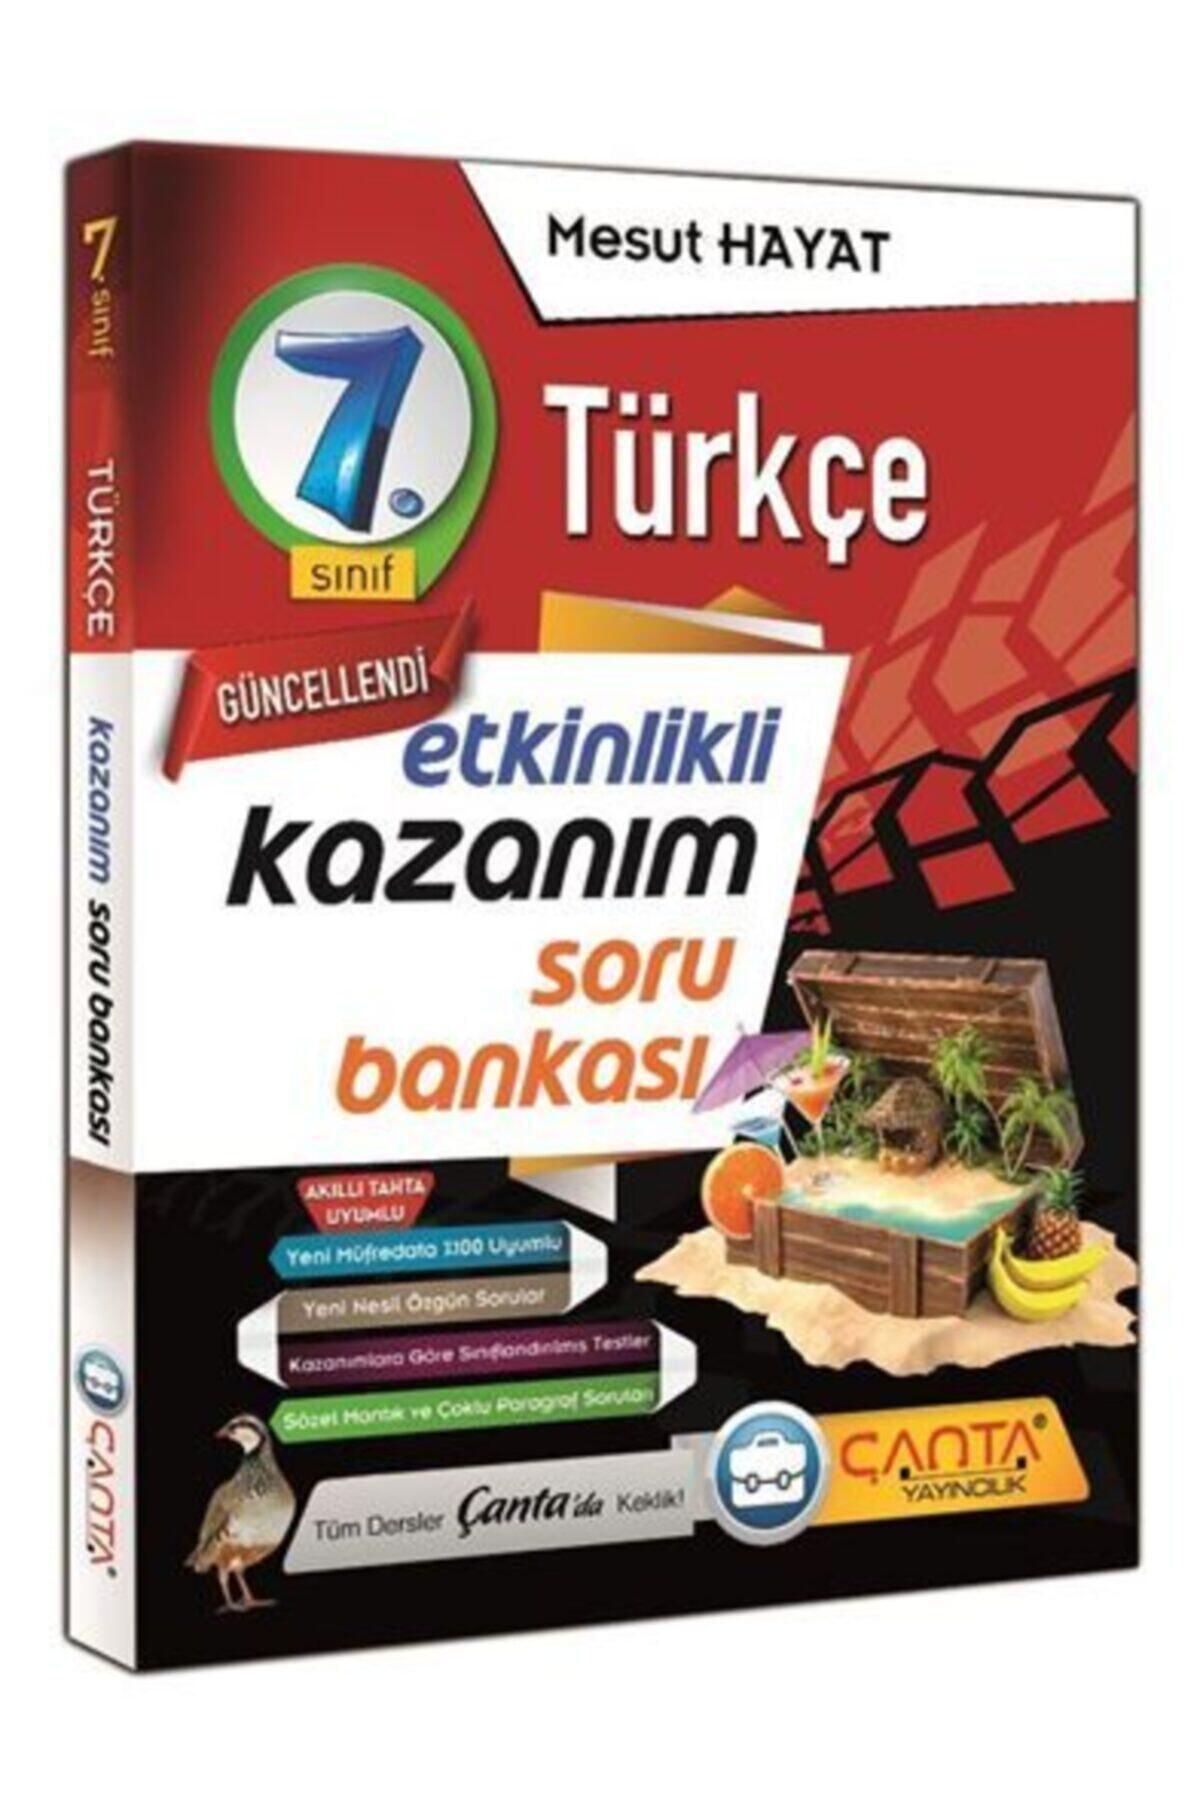 Çanta Yayınları 7. Sınıf Türkçe Etkinlikli Kazanım Soru Bankası 1